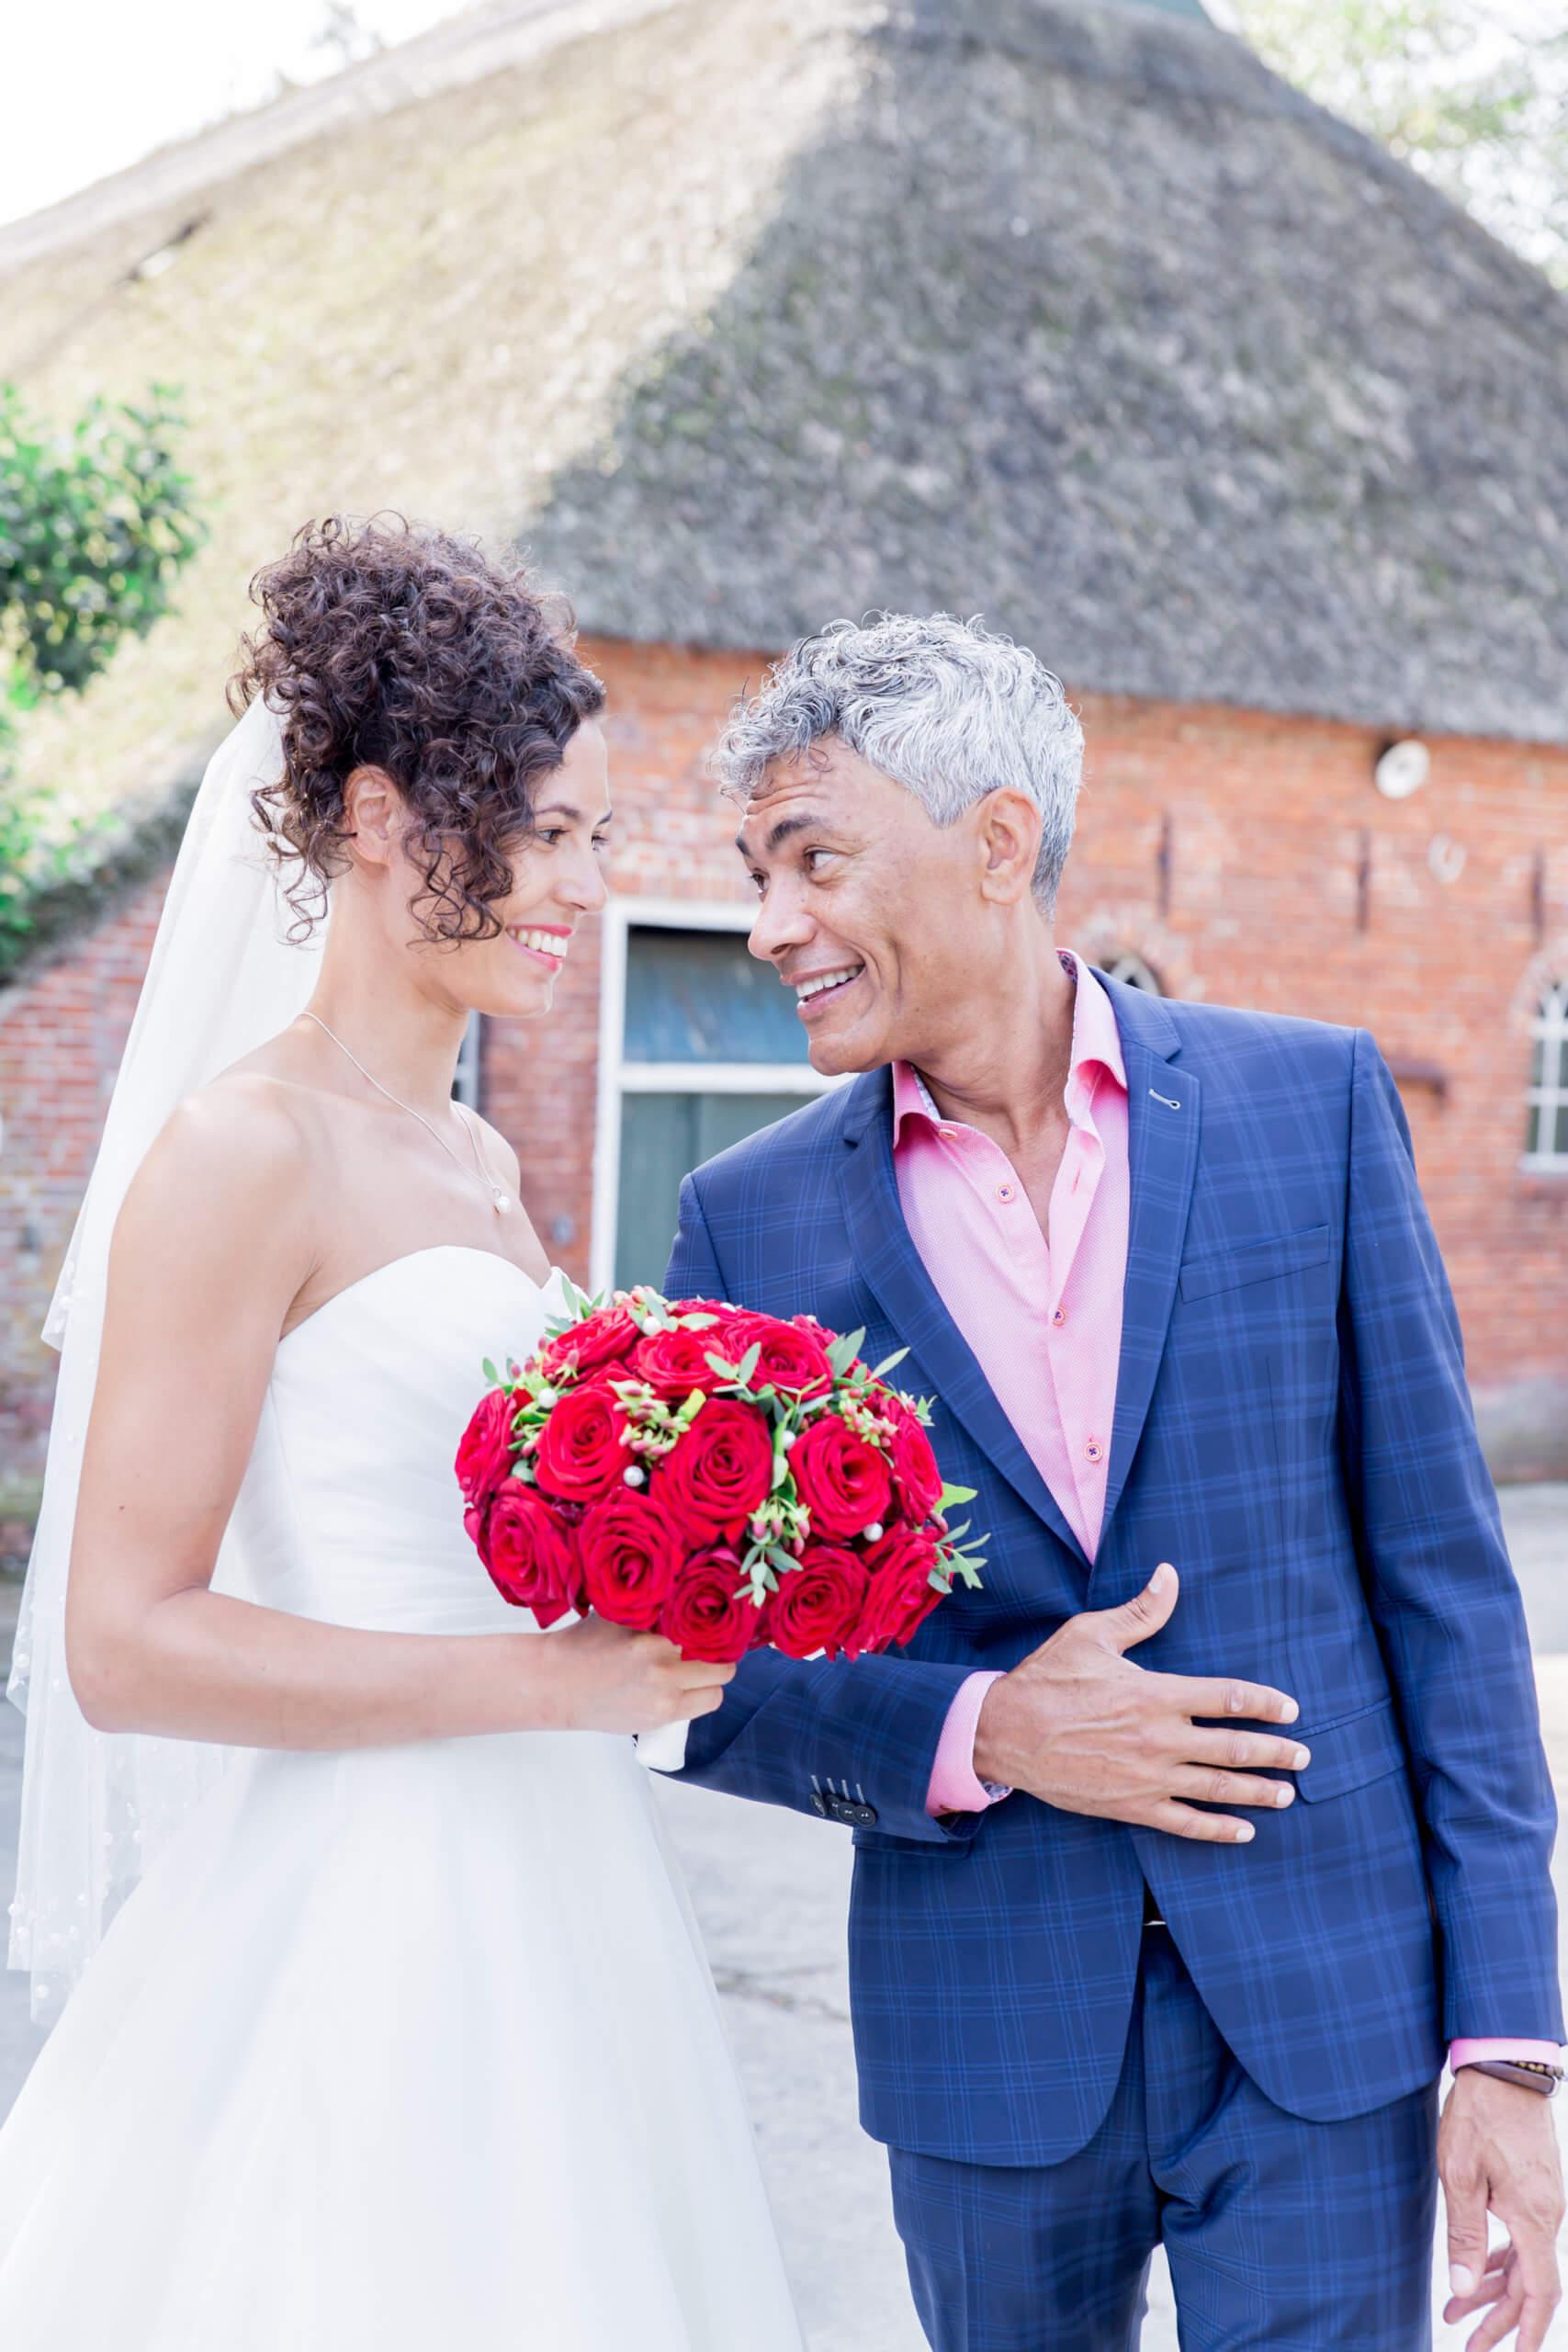 Trouwfotograaf, Groningen, fotograaf, trouwen, Prijs, bruidsfotograaf, Lijn 10